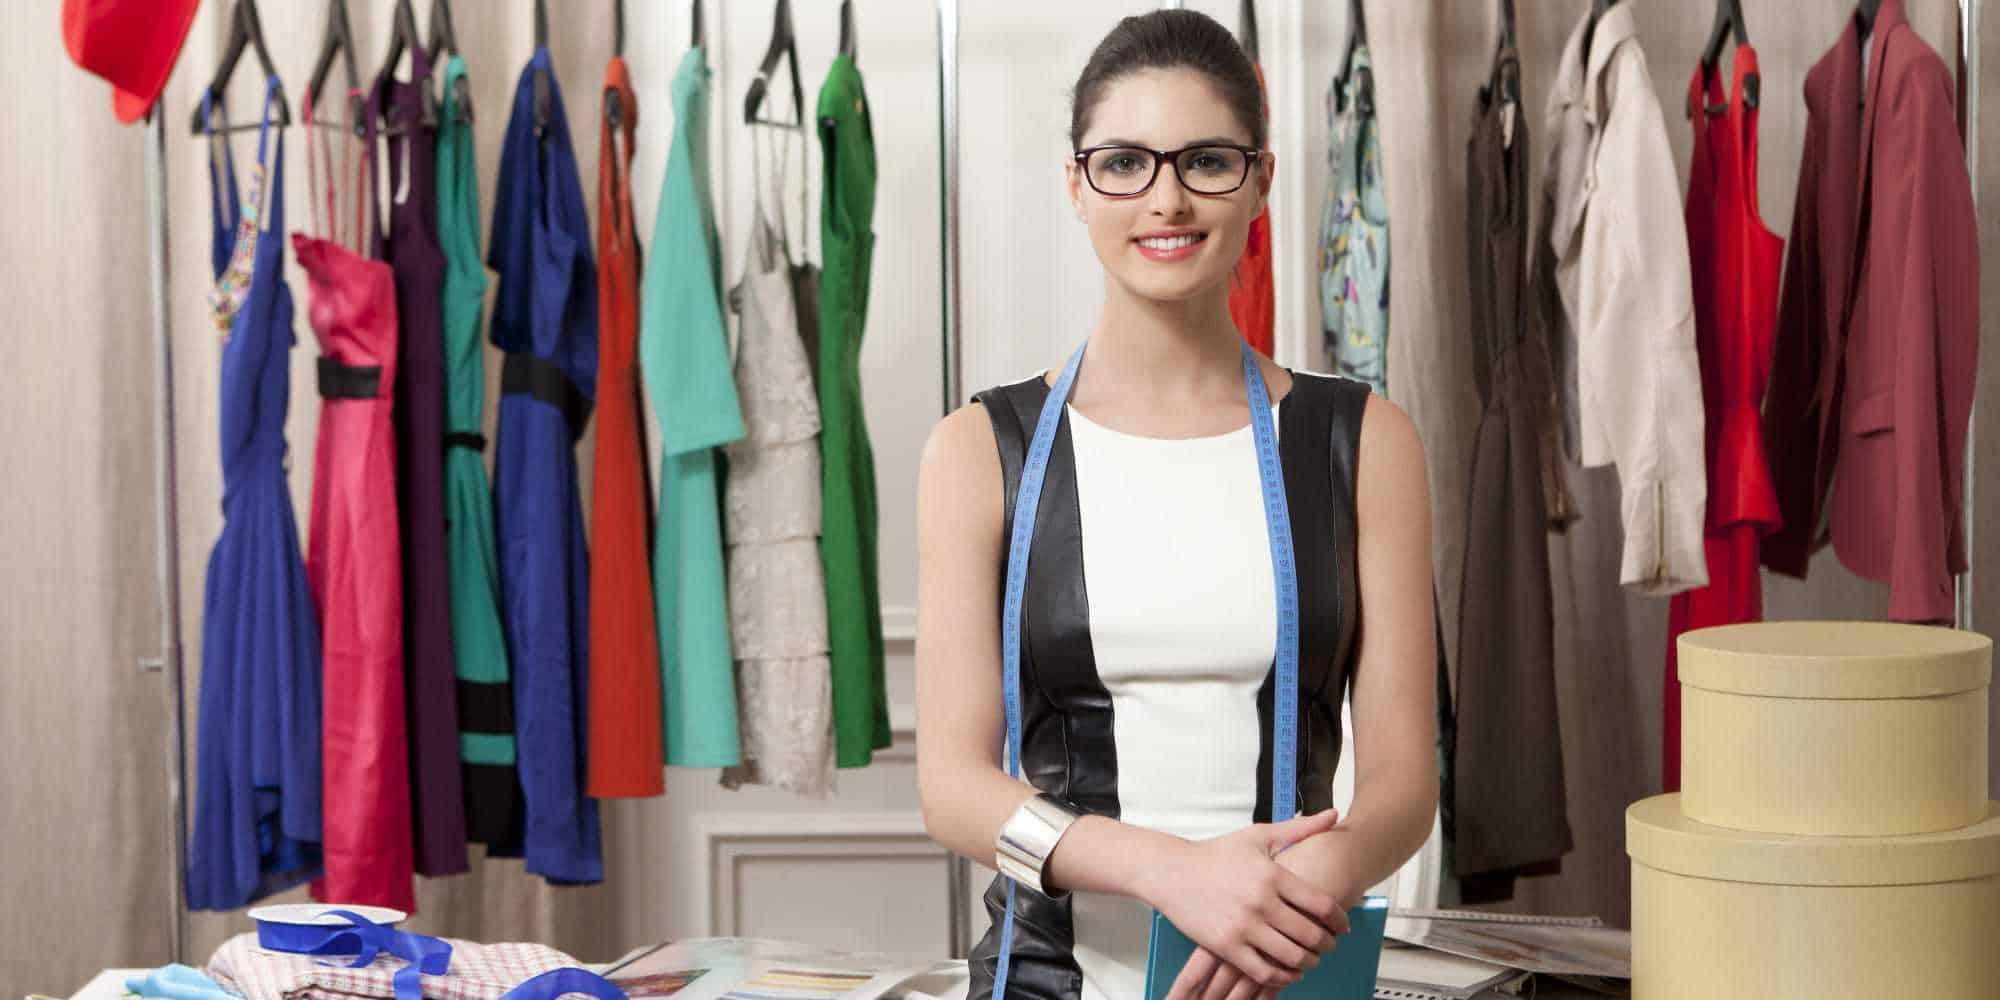 Comment devenir styliste : formation, salaire et débouchés